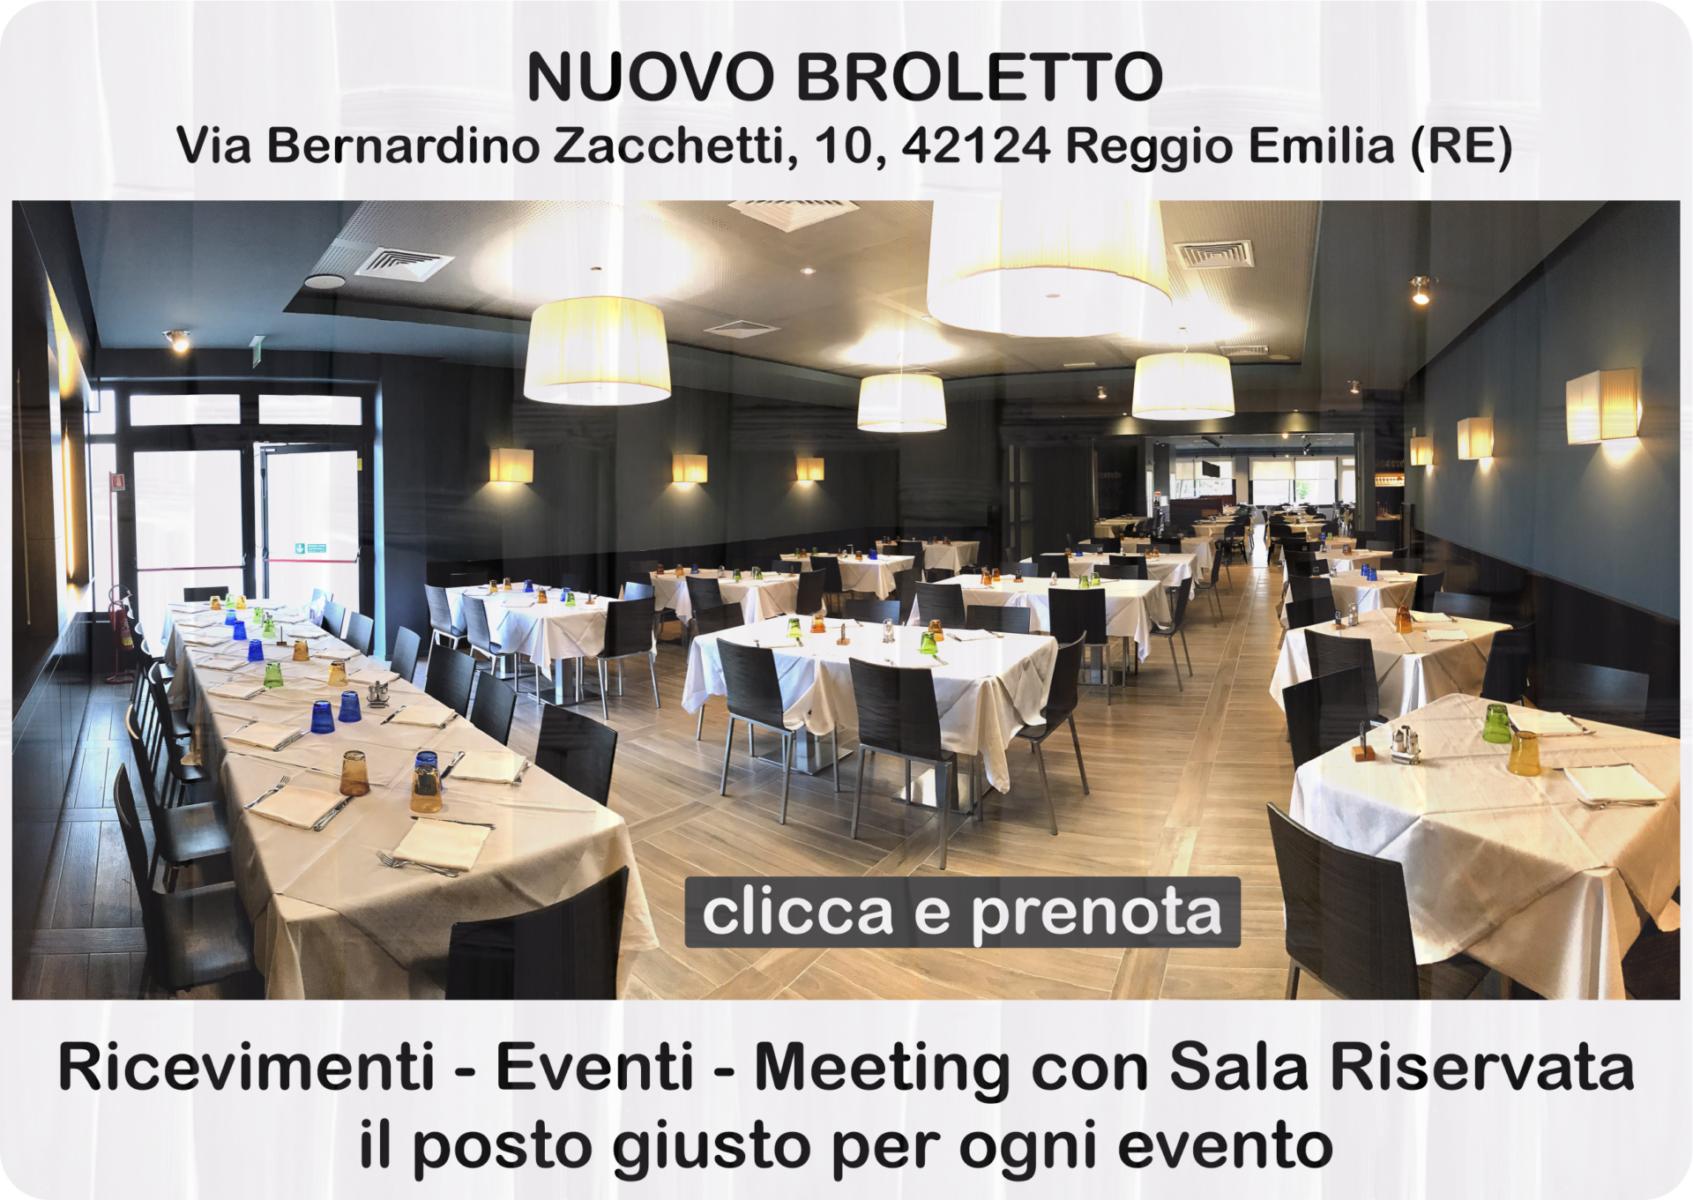 02 - Nuovo Broletto